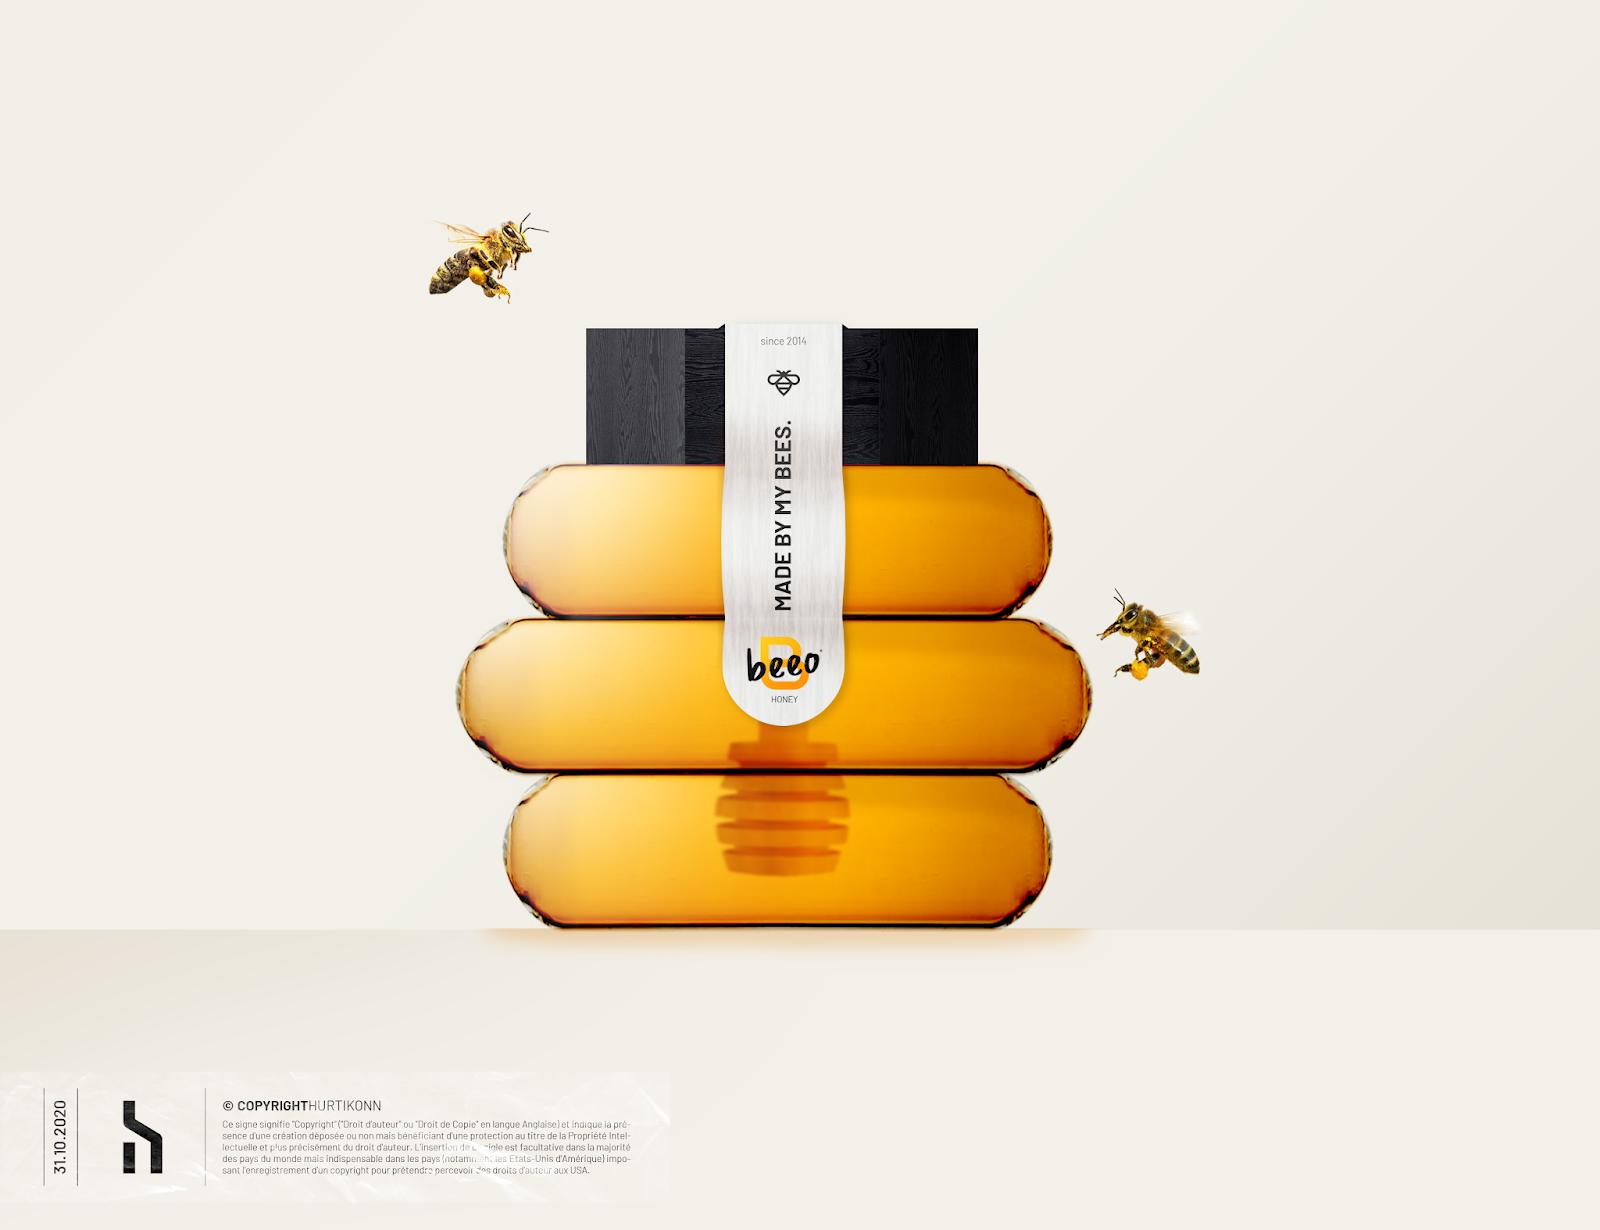 很有特点的蜂蜜包装设计创意